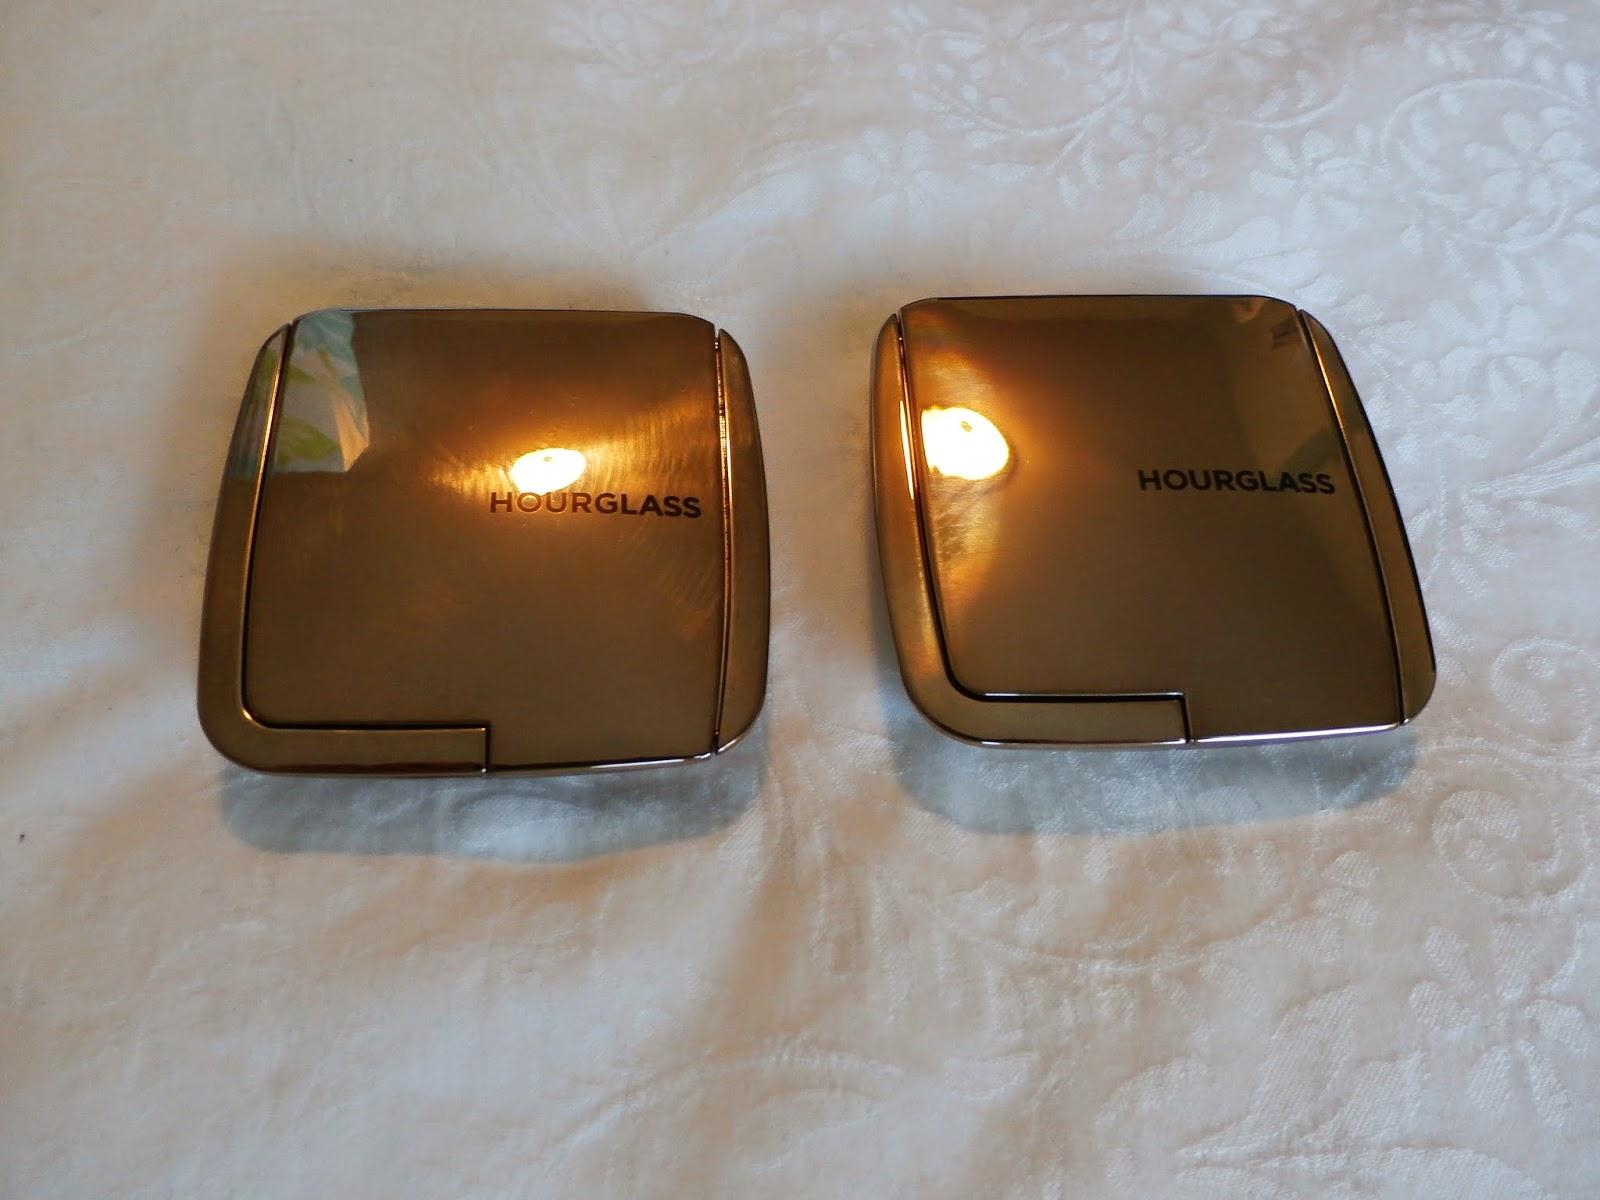 the dim lighting case In questo articolo ti mostrerò 3 ricette di ghiaccioli light fatti in casa con ingredienti sani e nutrienti.